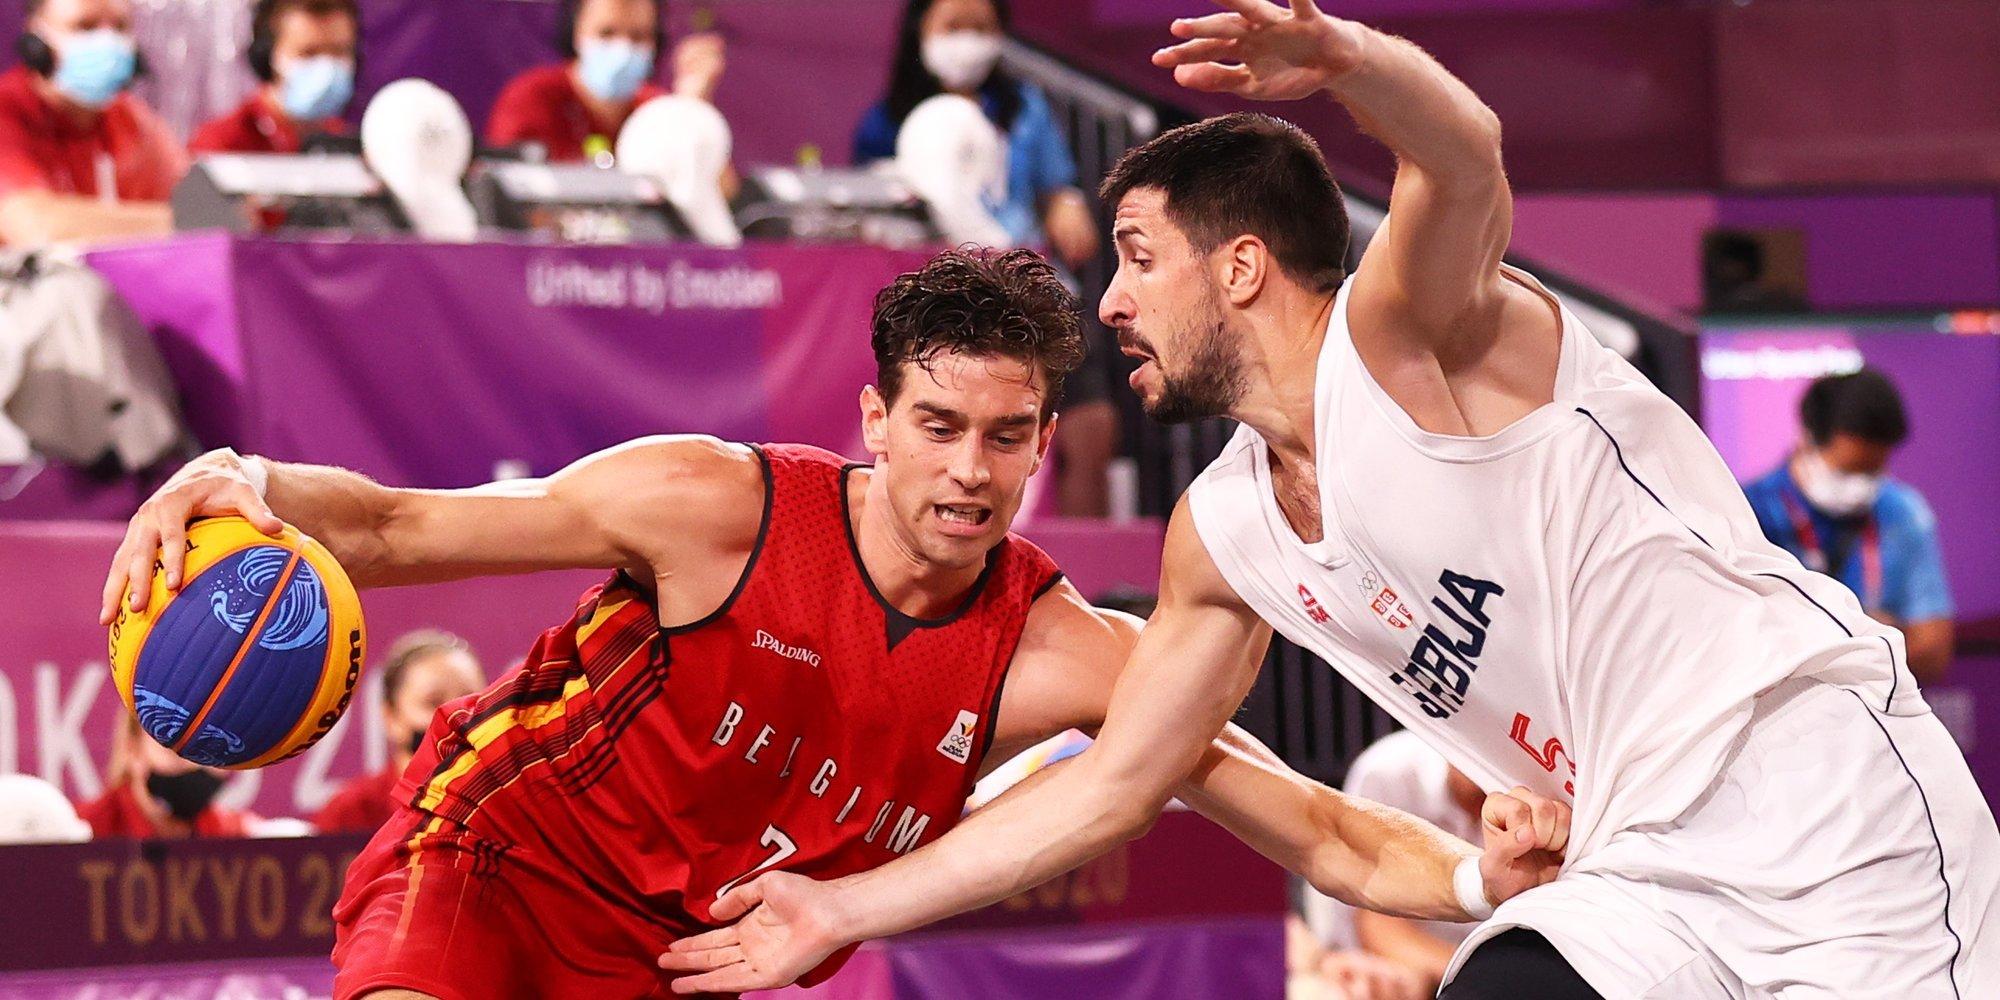 Сербские баскетболисты 3х3 победили Бельгию в матче за бронзу на Олимпиаде